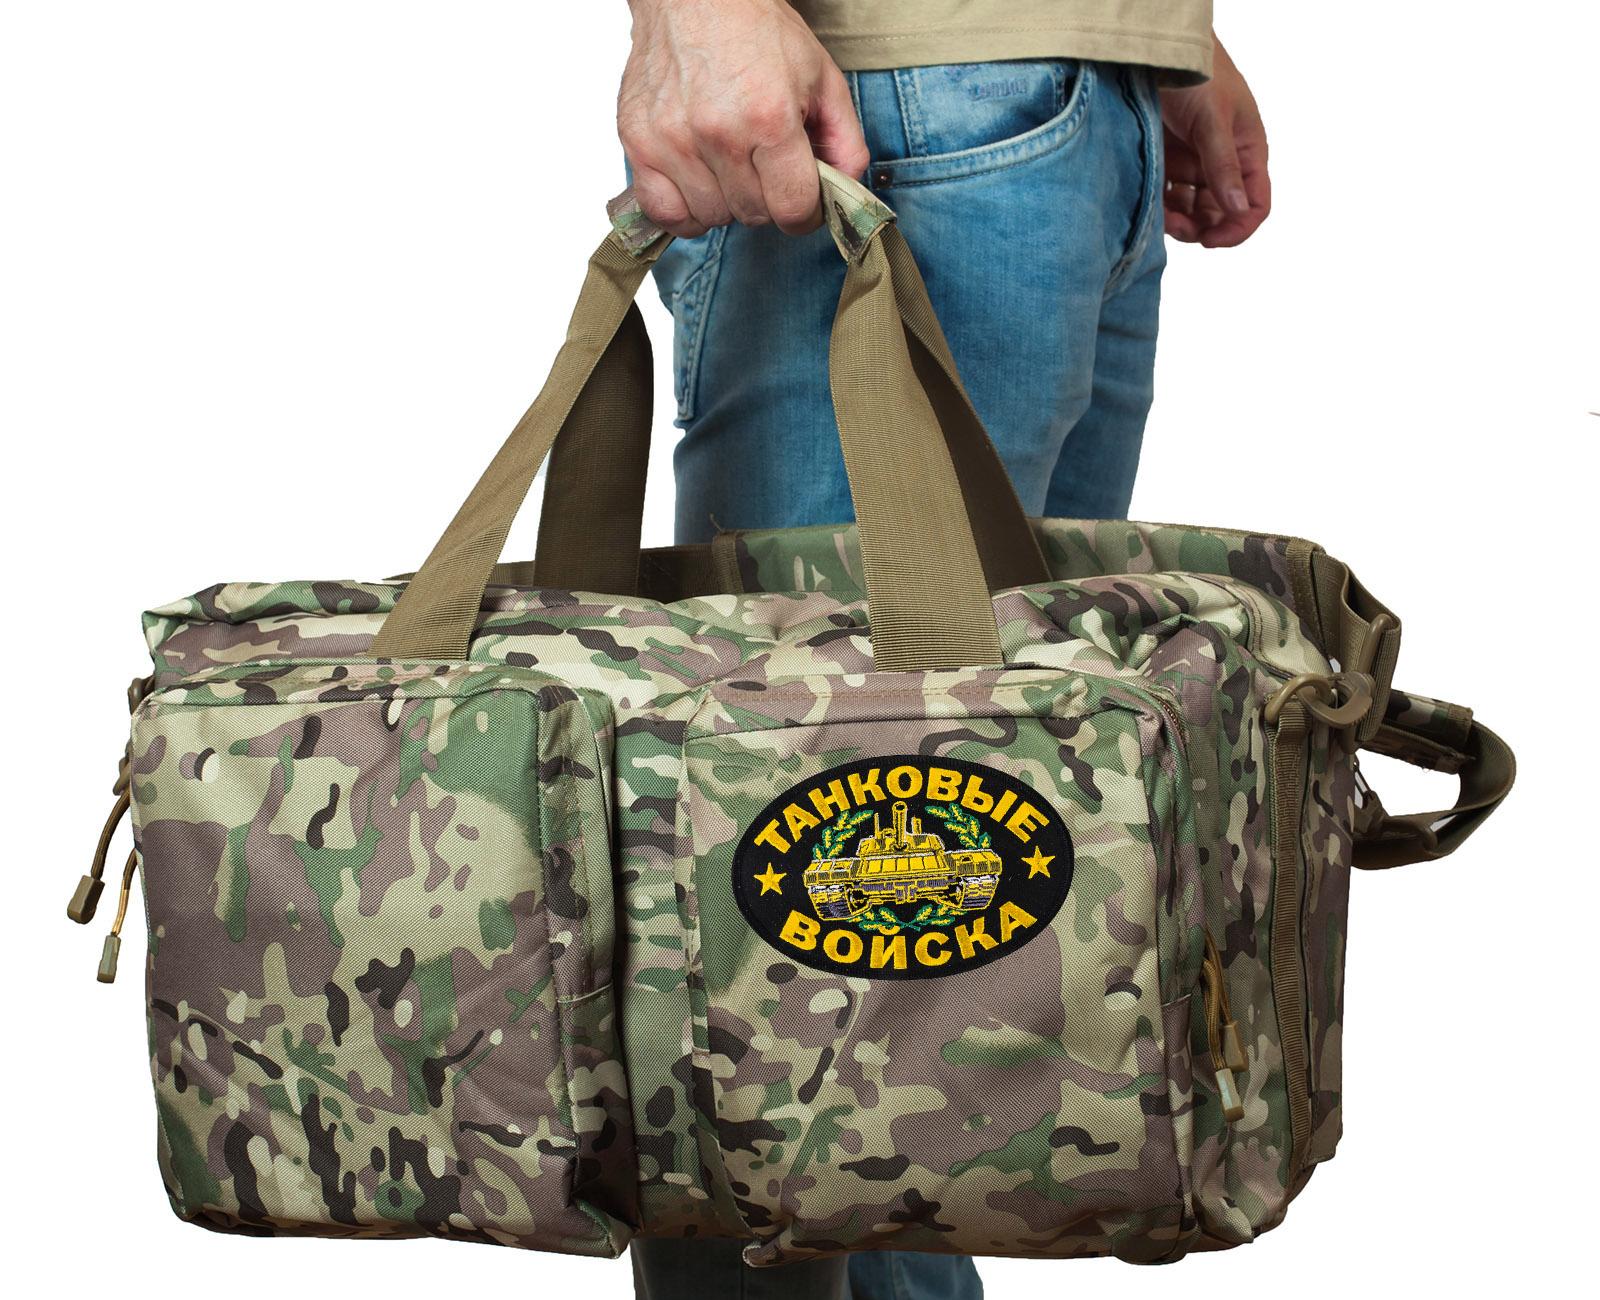 Надежная камуфляжная сумка с нашивкой Танковые Войска - купить по низкой цене